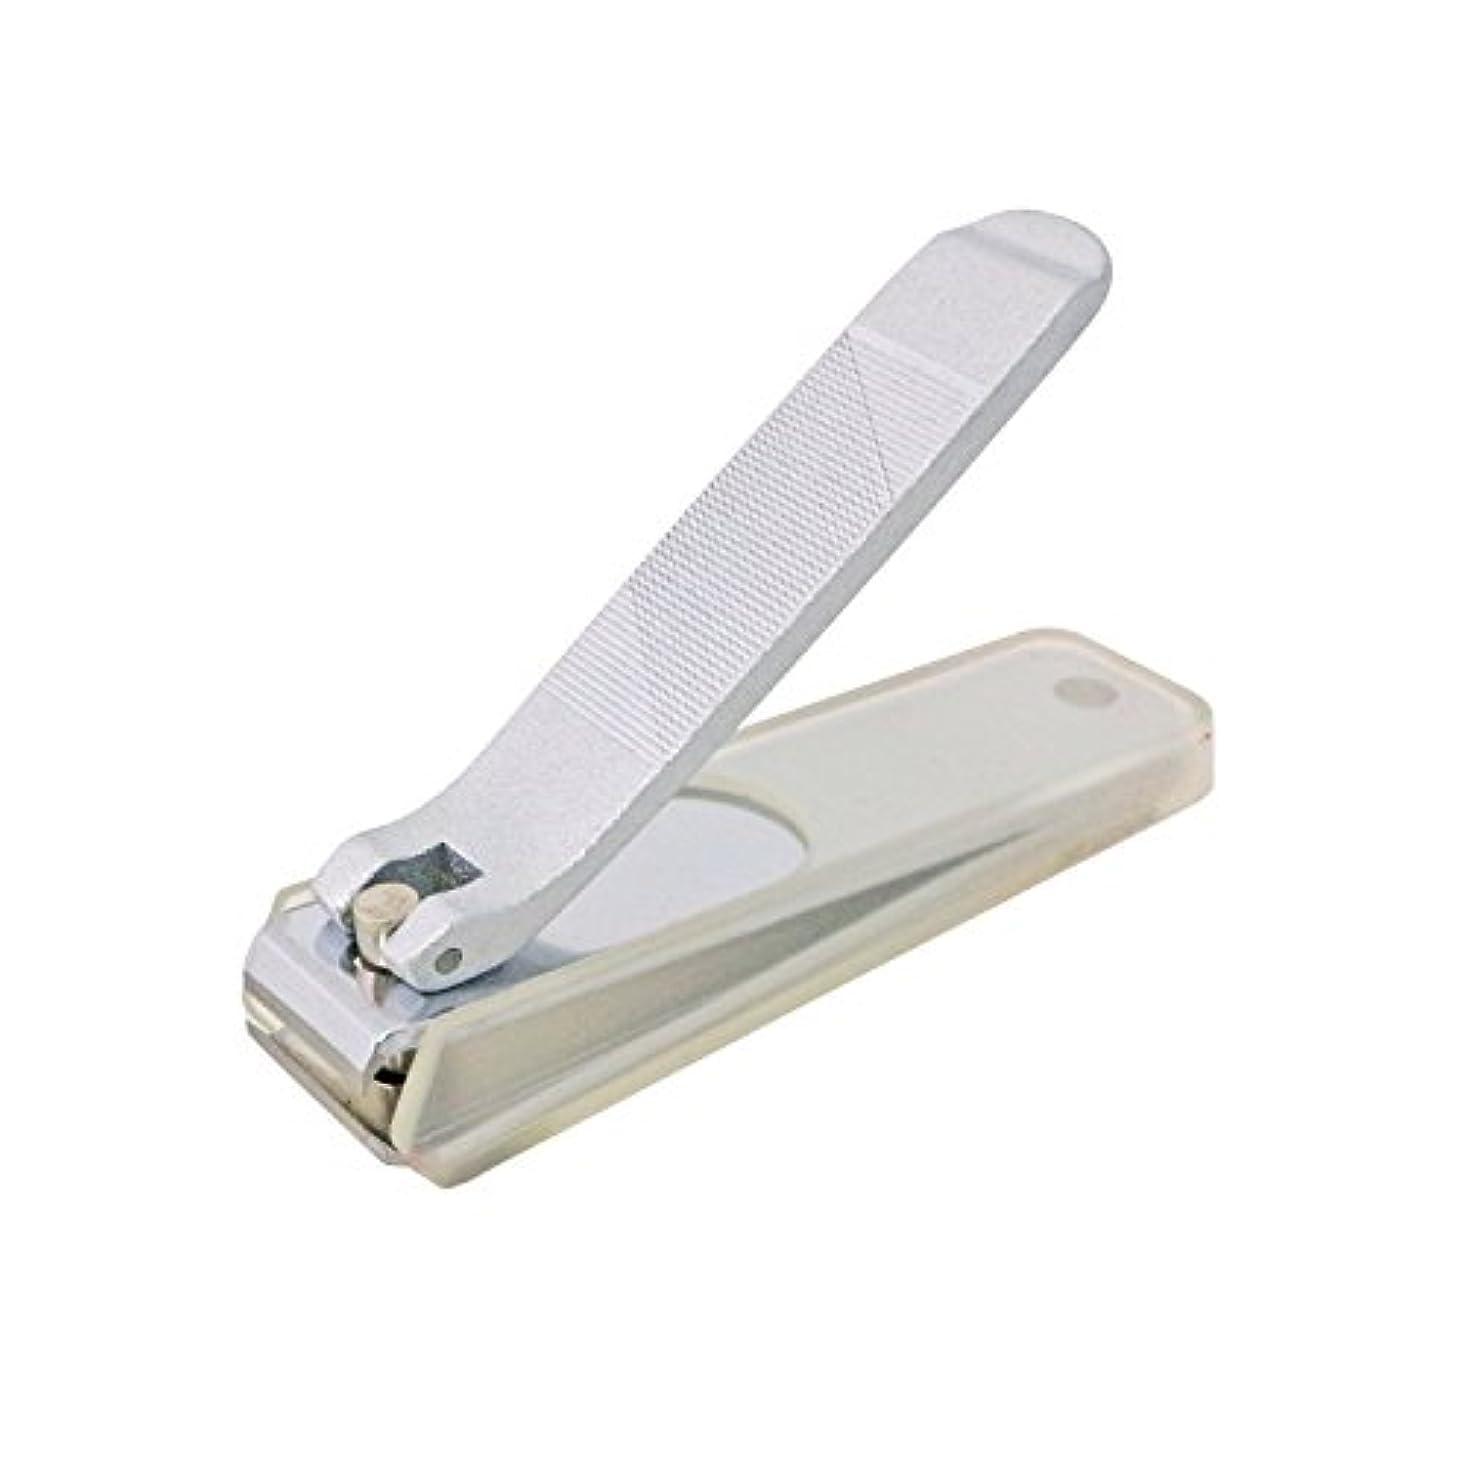 ワードローブ遅らせる配管日本製 ITEZA クローム 直刃つめきり 小 カバー付 箱入り